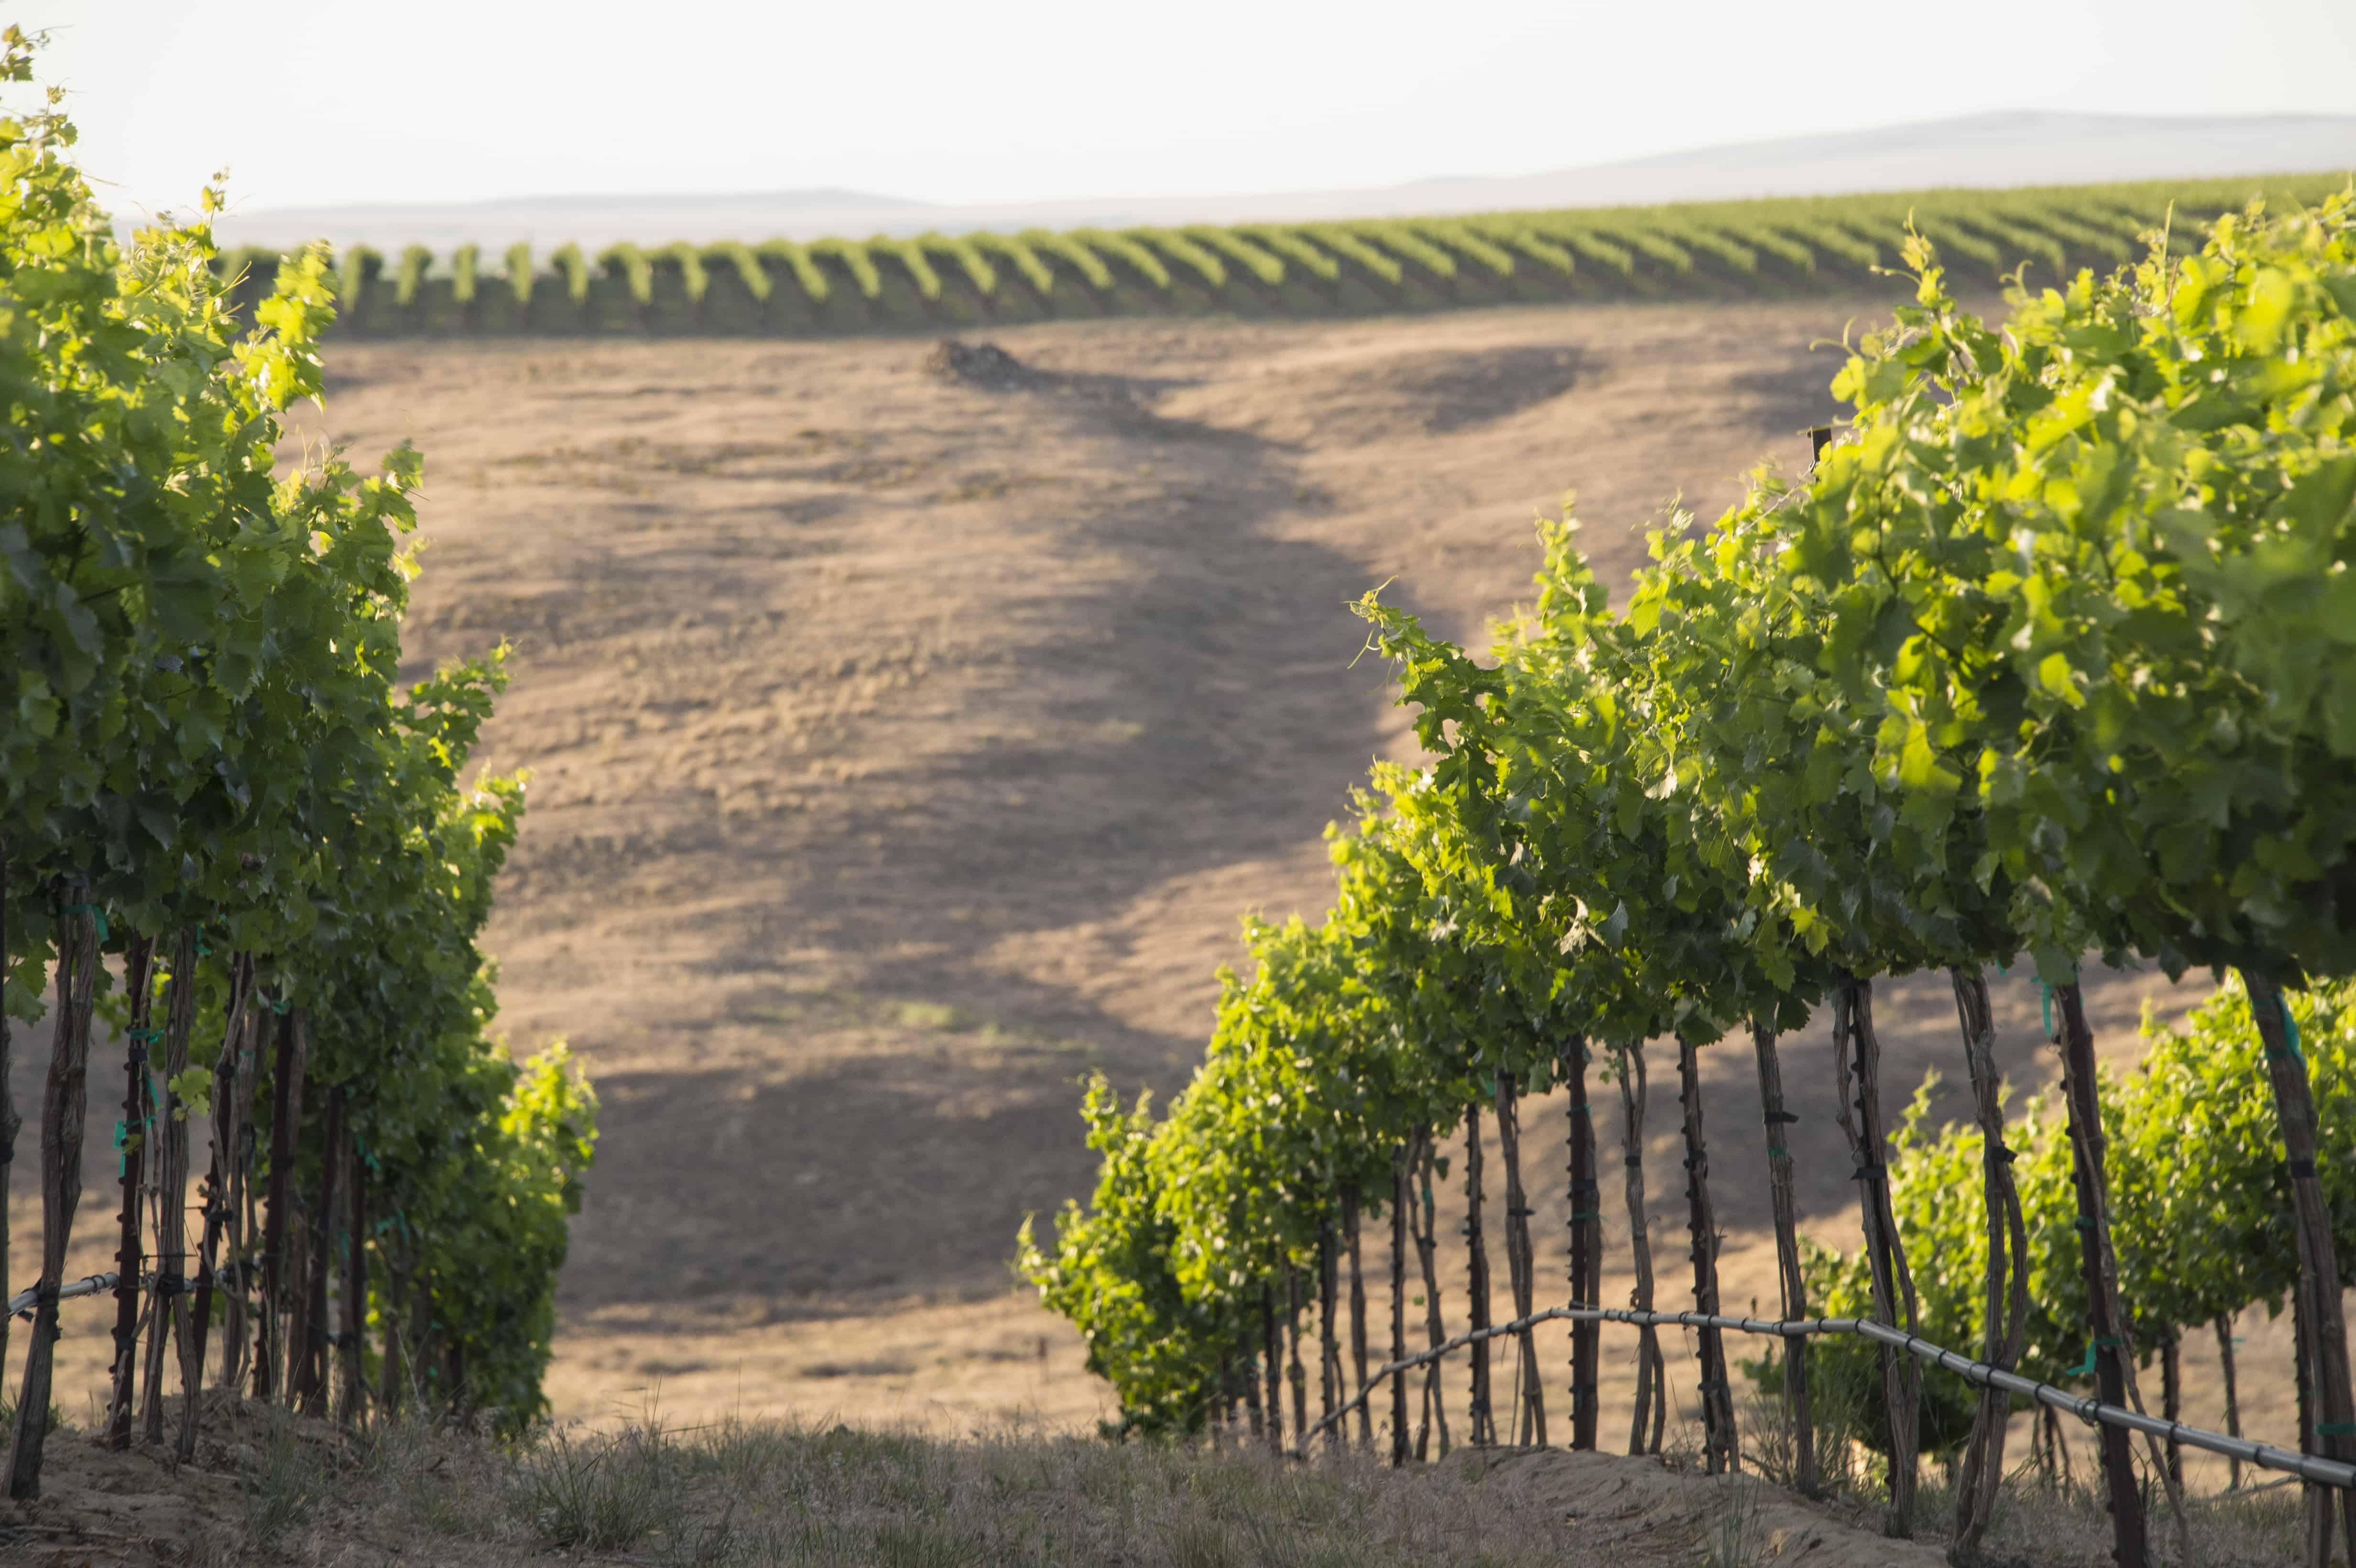 vins de l'État de Washington, Cinq vins de l'État de Washington pour fêter le 4 juillet